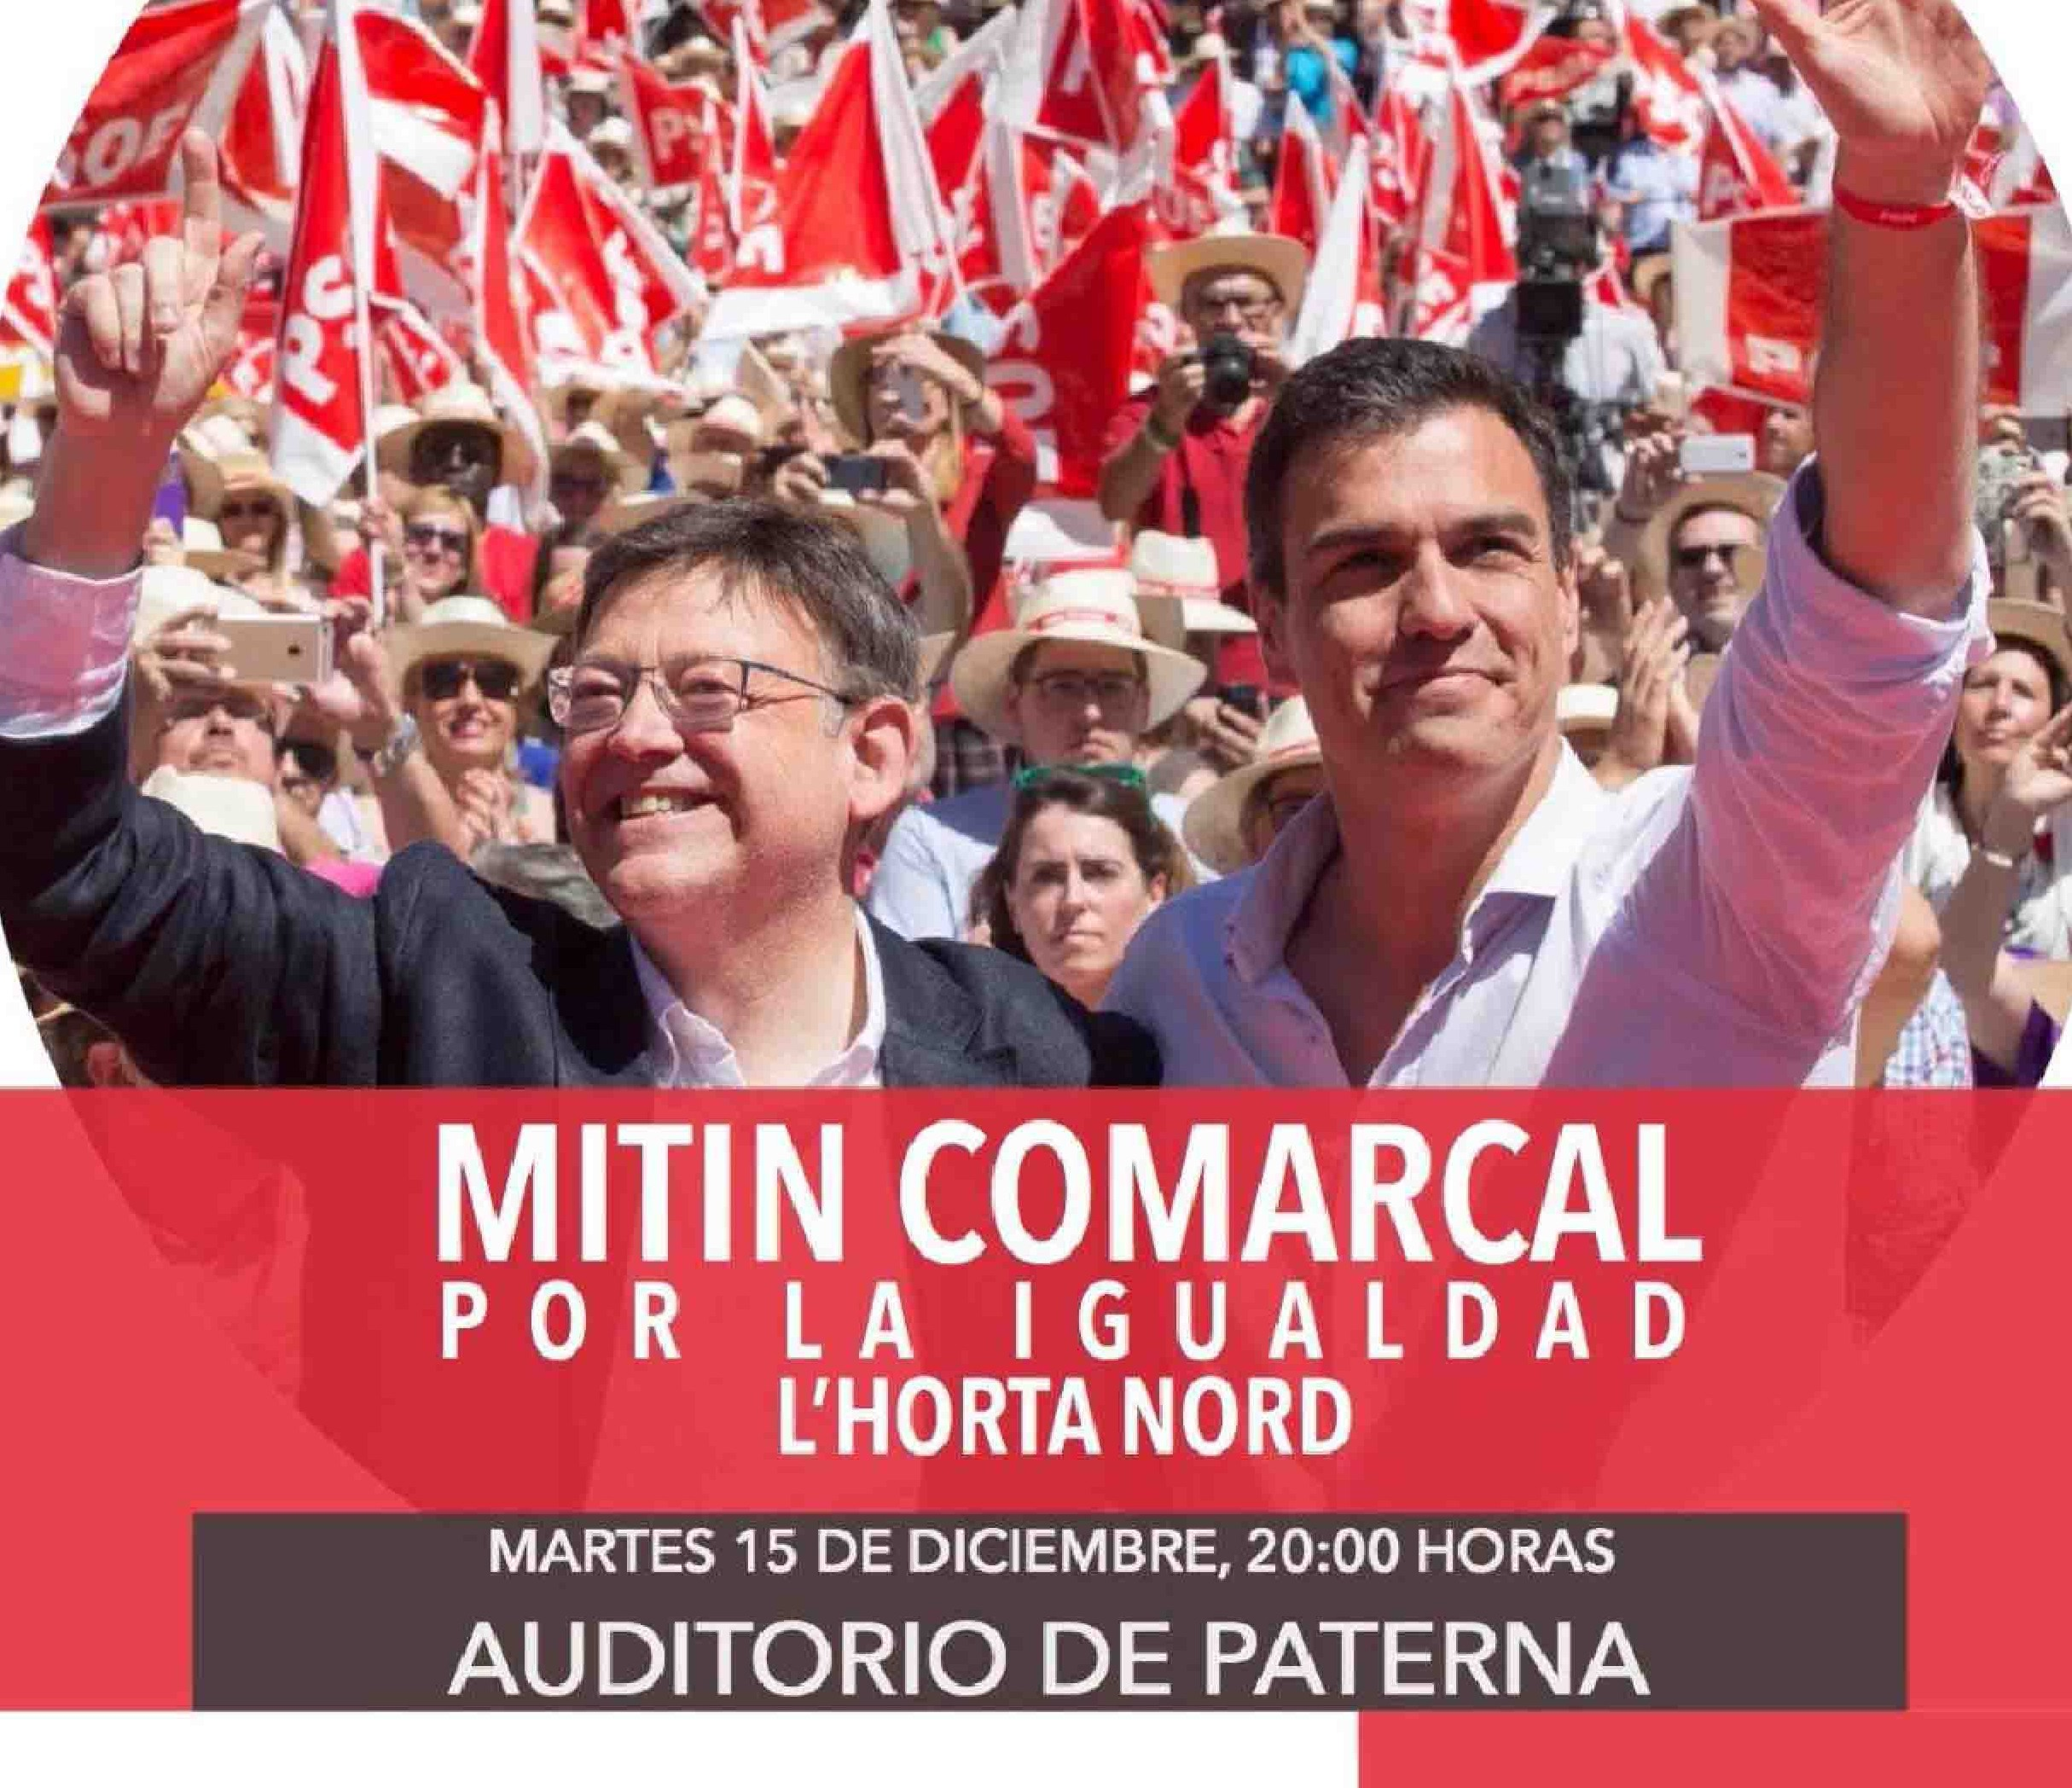 Ximo Puig celebra mañana en Paterna el mitin central de l'Horta Nord